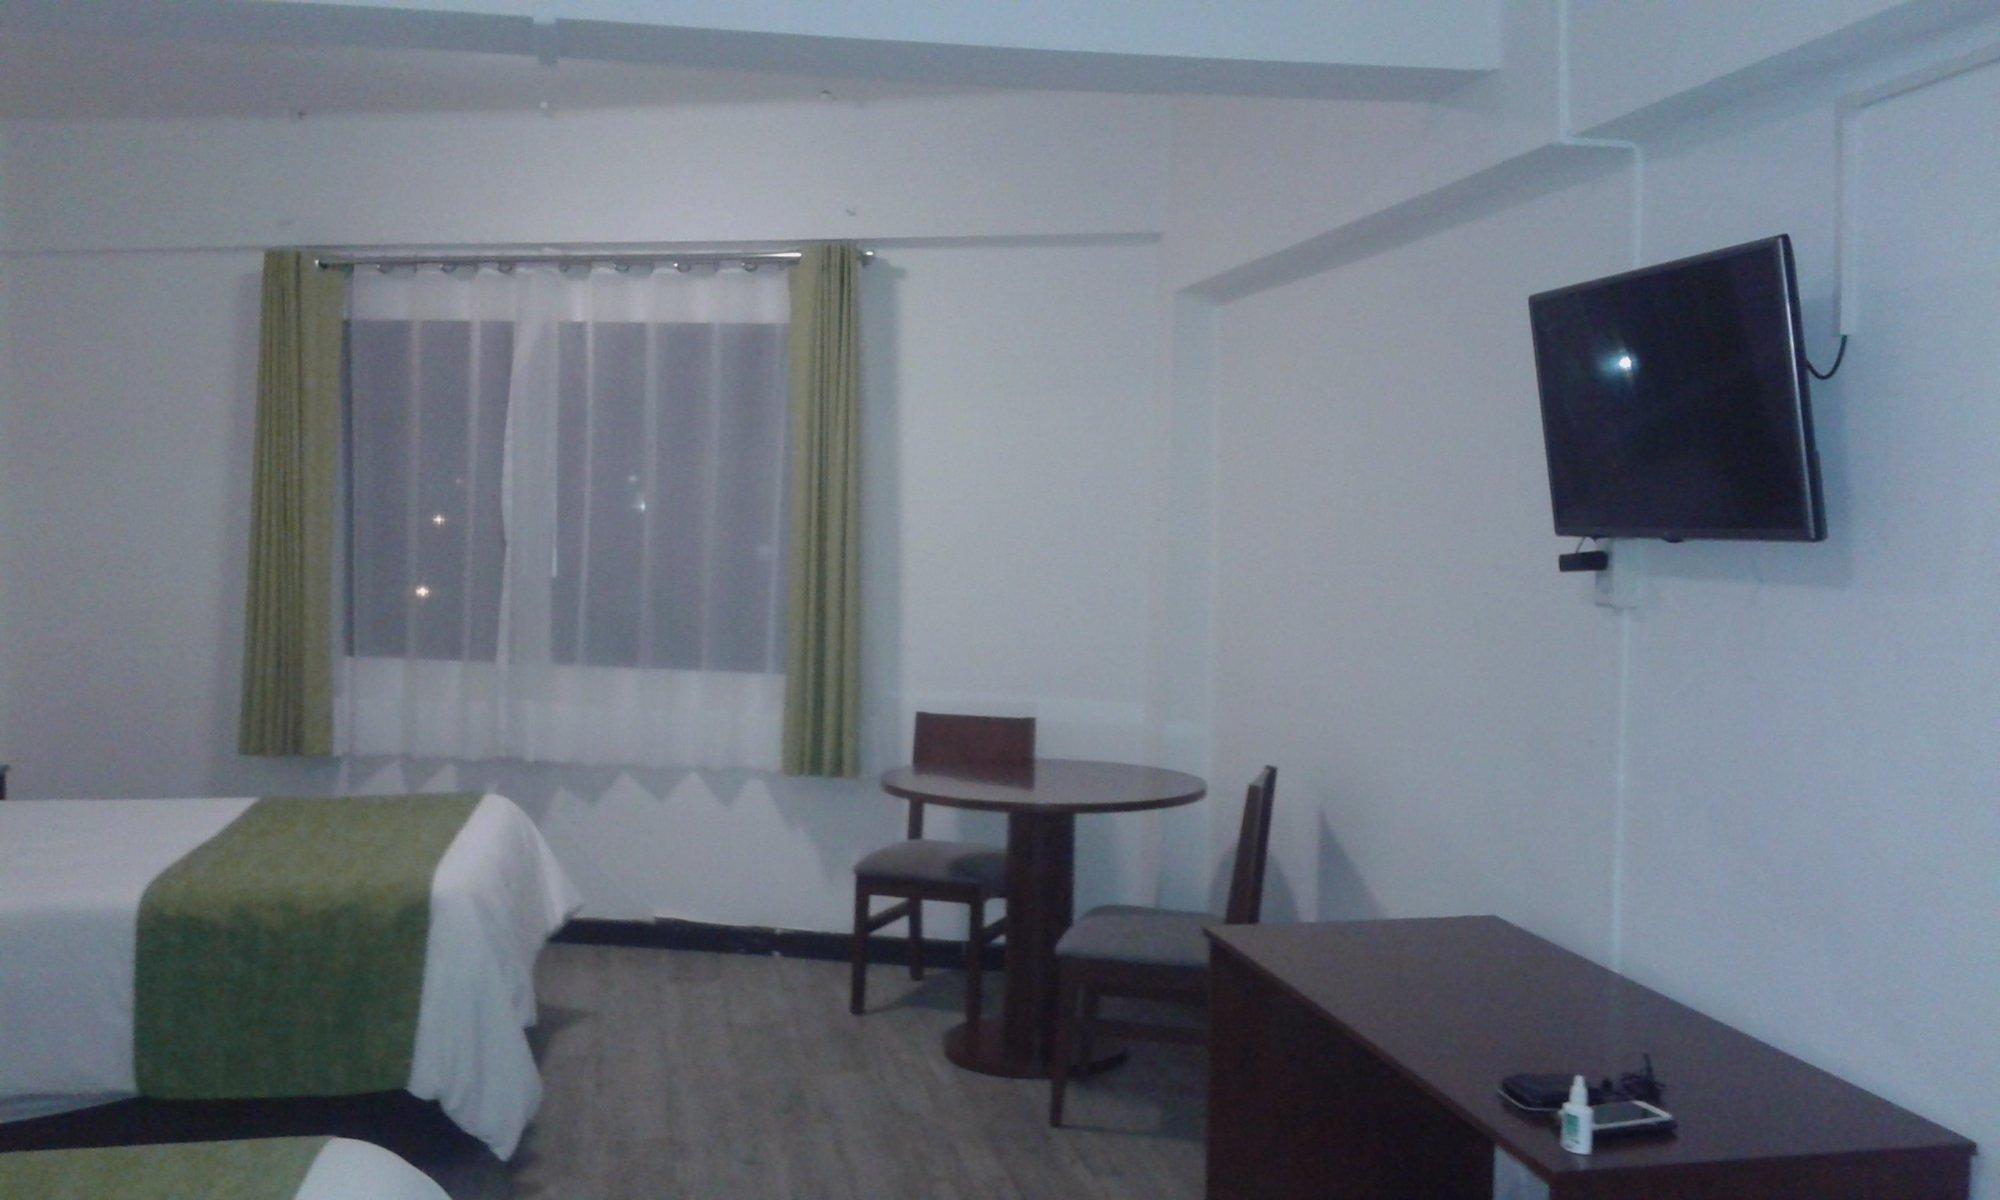 Hostel Virreyes